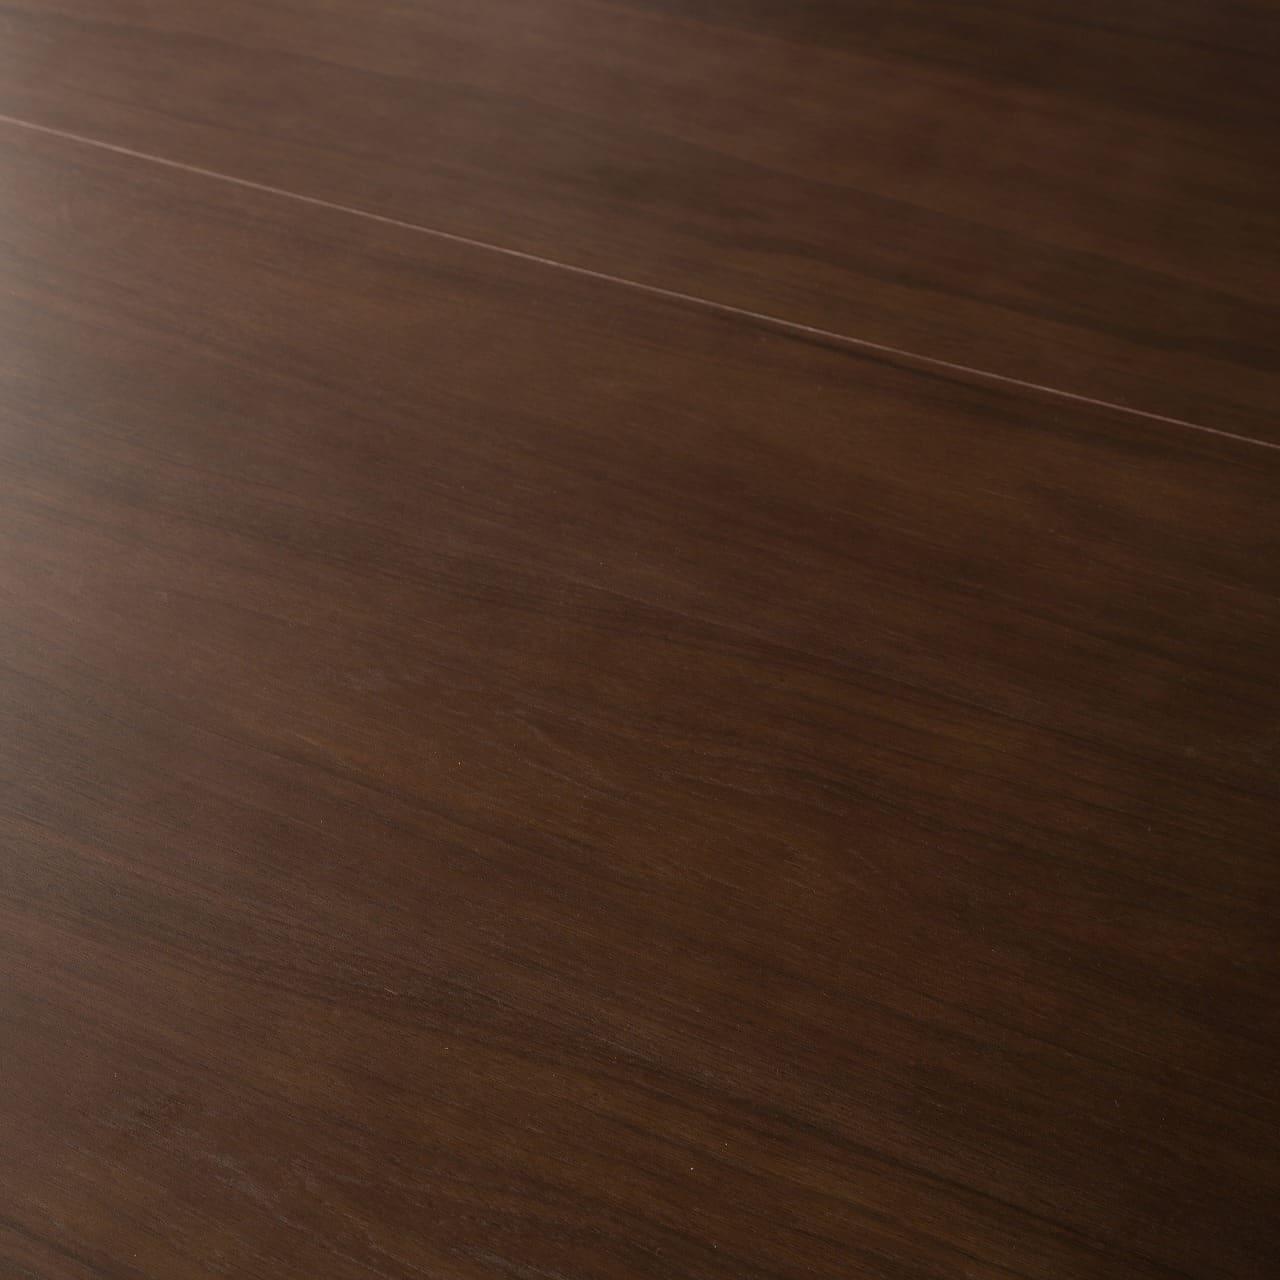 バタフライテーブル レイズ OAK:木の質感を残したラッカー仕上げ